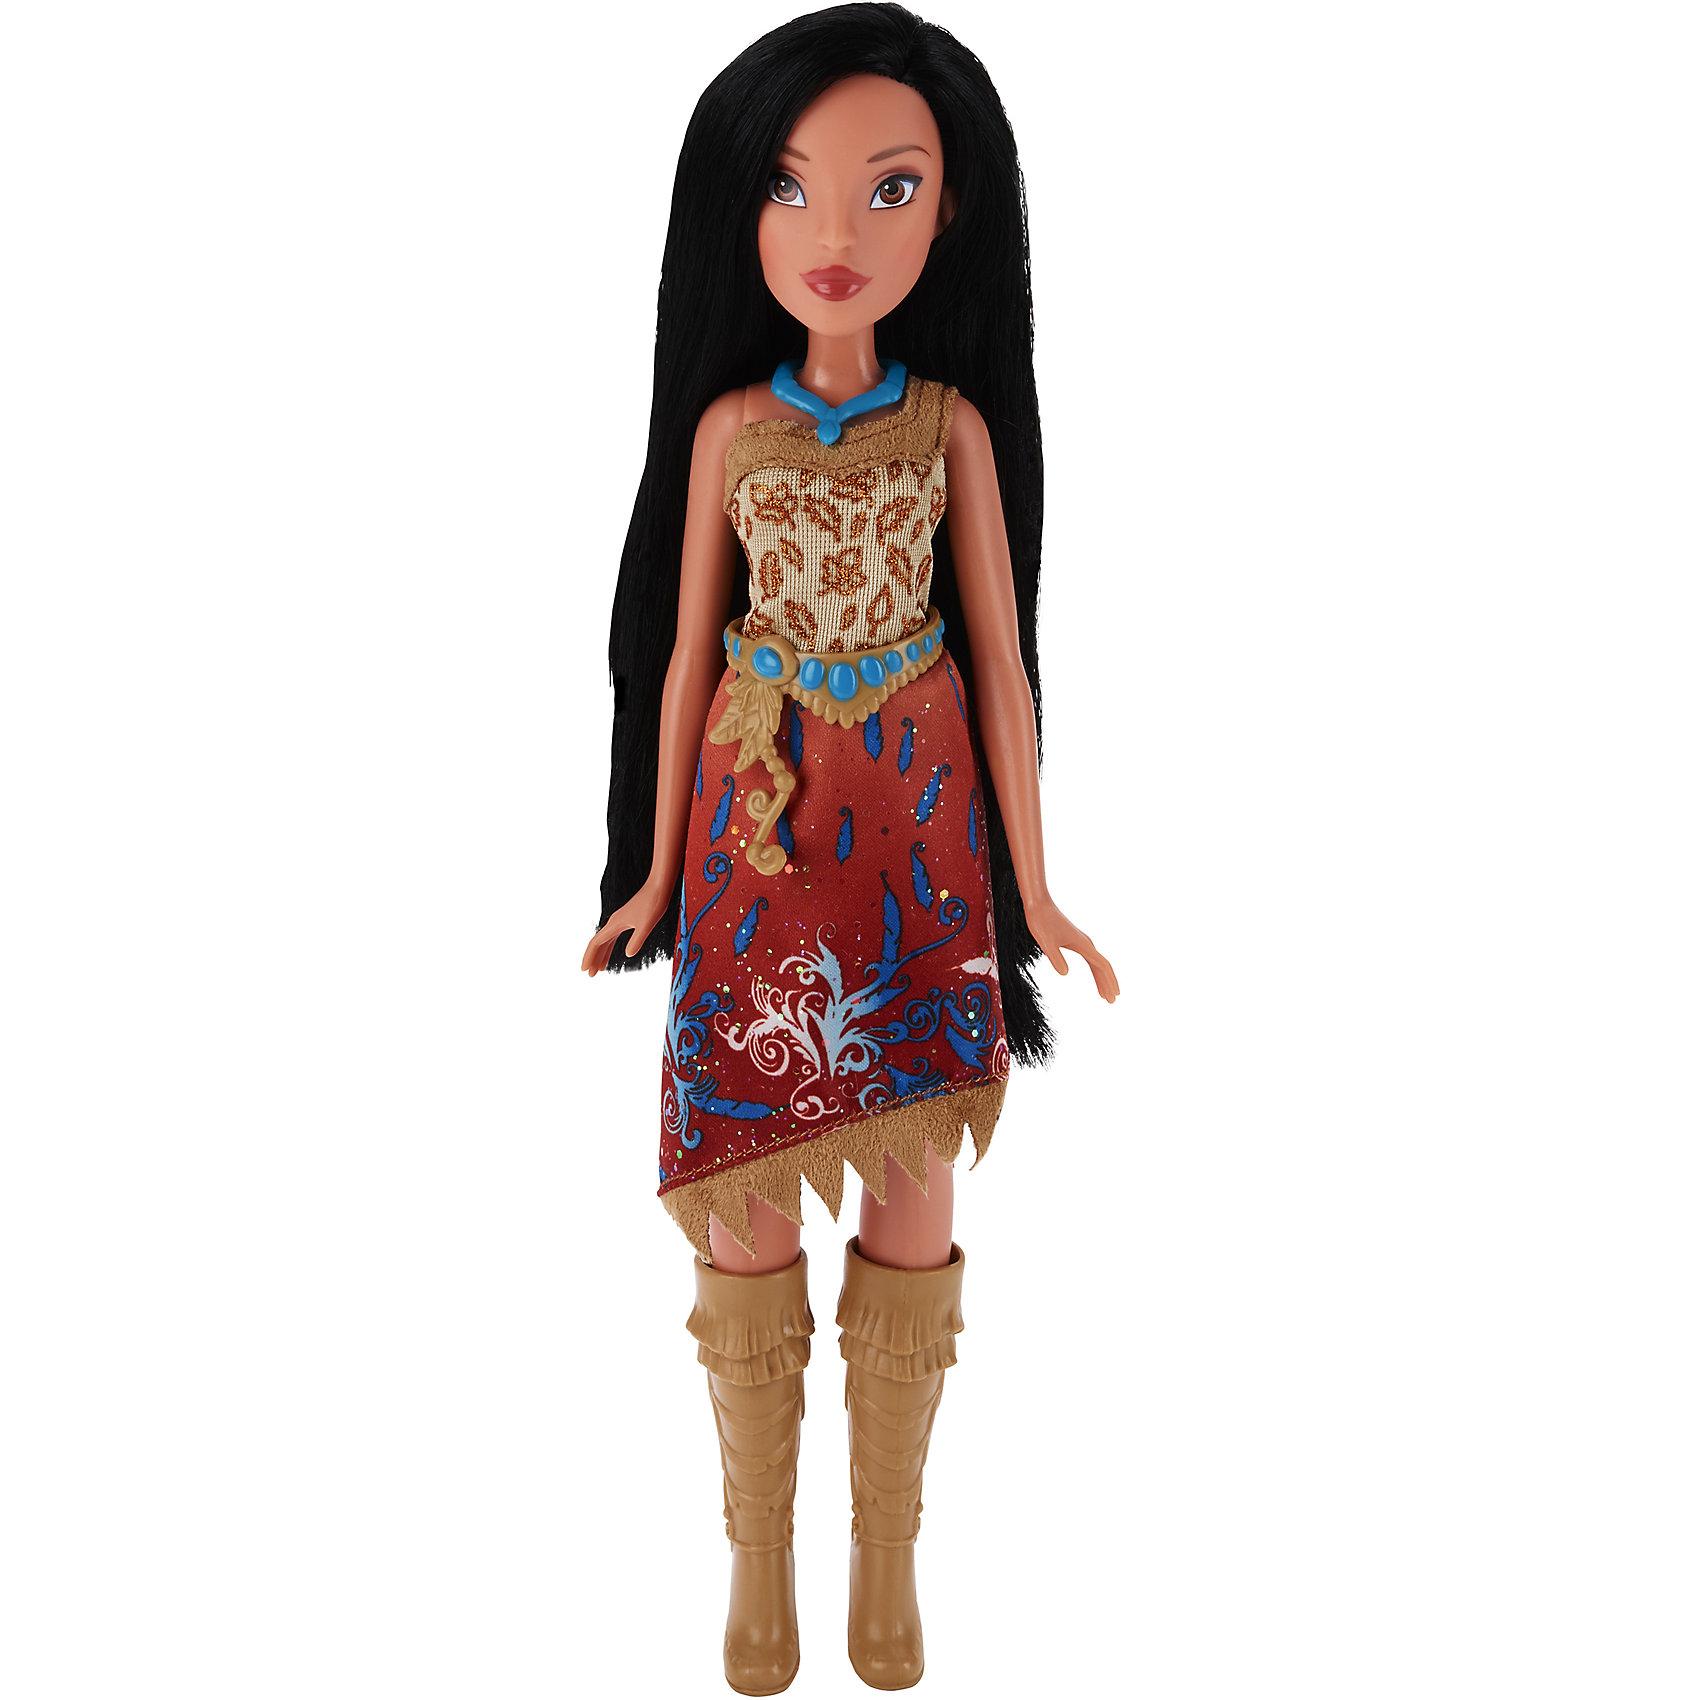 Кукла Принцесса Покахонтас, Принцессы Дисней, B6447/B5828Кукла Принцесса, Принцессы Дисней, B6447/B5828.<br><br>Характеристики:<br><br>- Материал: пластмасса, текстиль.<br>- Высота куклы: 28 см.<br>- Размер упаковки: 15х5х36 см.<br><br>Симпатичная кукла представлена в образе прекрасной принцессы Disney Покахонтас из одноименного мультипликационного сериала. Она одета в этническом стиле, платье с косым кроем подола и высокие сапожки в тон наряду. У Покахонтас смуглая кожа, милые черты лица и невероятно красивые черные волосы, которые можно расчесывать и заплетать. Подвижные ручки, ножки и голова позволяют Покахонтас принимать множество реалистичных поз. Очаровательная детализированная кукла приведет в восторг вашу малышку и отлично дополнит ее коллекцию диснеевских принцесс.<br><br>Куклу Принцесса, Принцессы Дисней, B6447/B5828 можно купить в нашем интернет-магазине.<br><br>Ширина мм: 51<br>Глубина мм: 152<br>Высота мм: 860<br>Вес г: 144<br>Возраст от месяцев: 36<br>Возраст до месяцев: 144<br>Пол: Женский<br>Возраст: Детский<br>SKU: 5064741